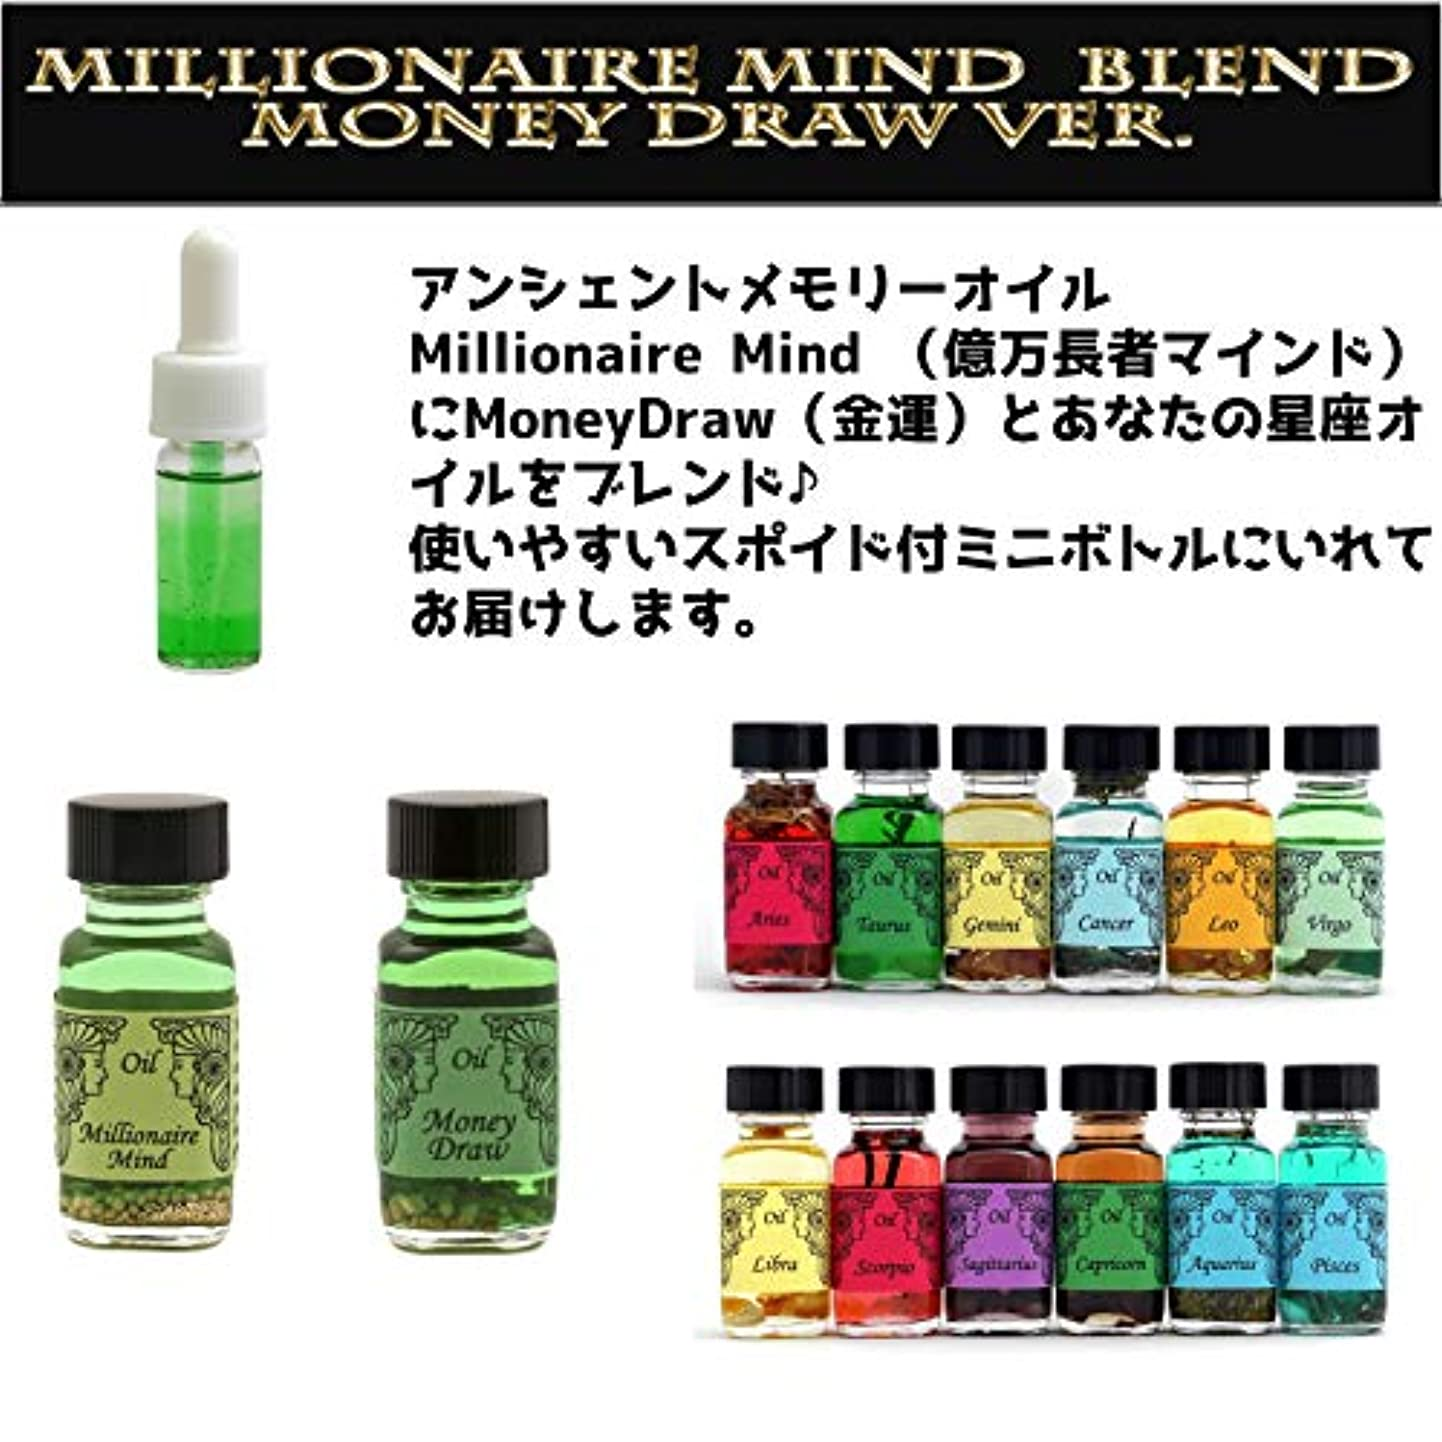 リーンシステム効率的にアンシェントメモリーオイル Millionaire Mind 億万長者マインド ブレンド(Money Drawマネードロー(金運)&おとめ座